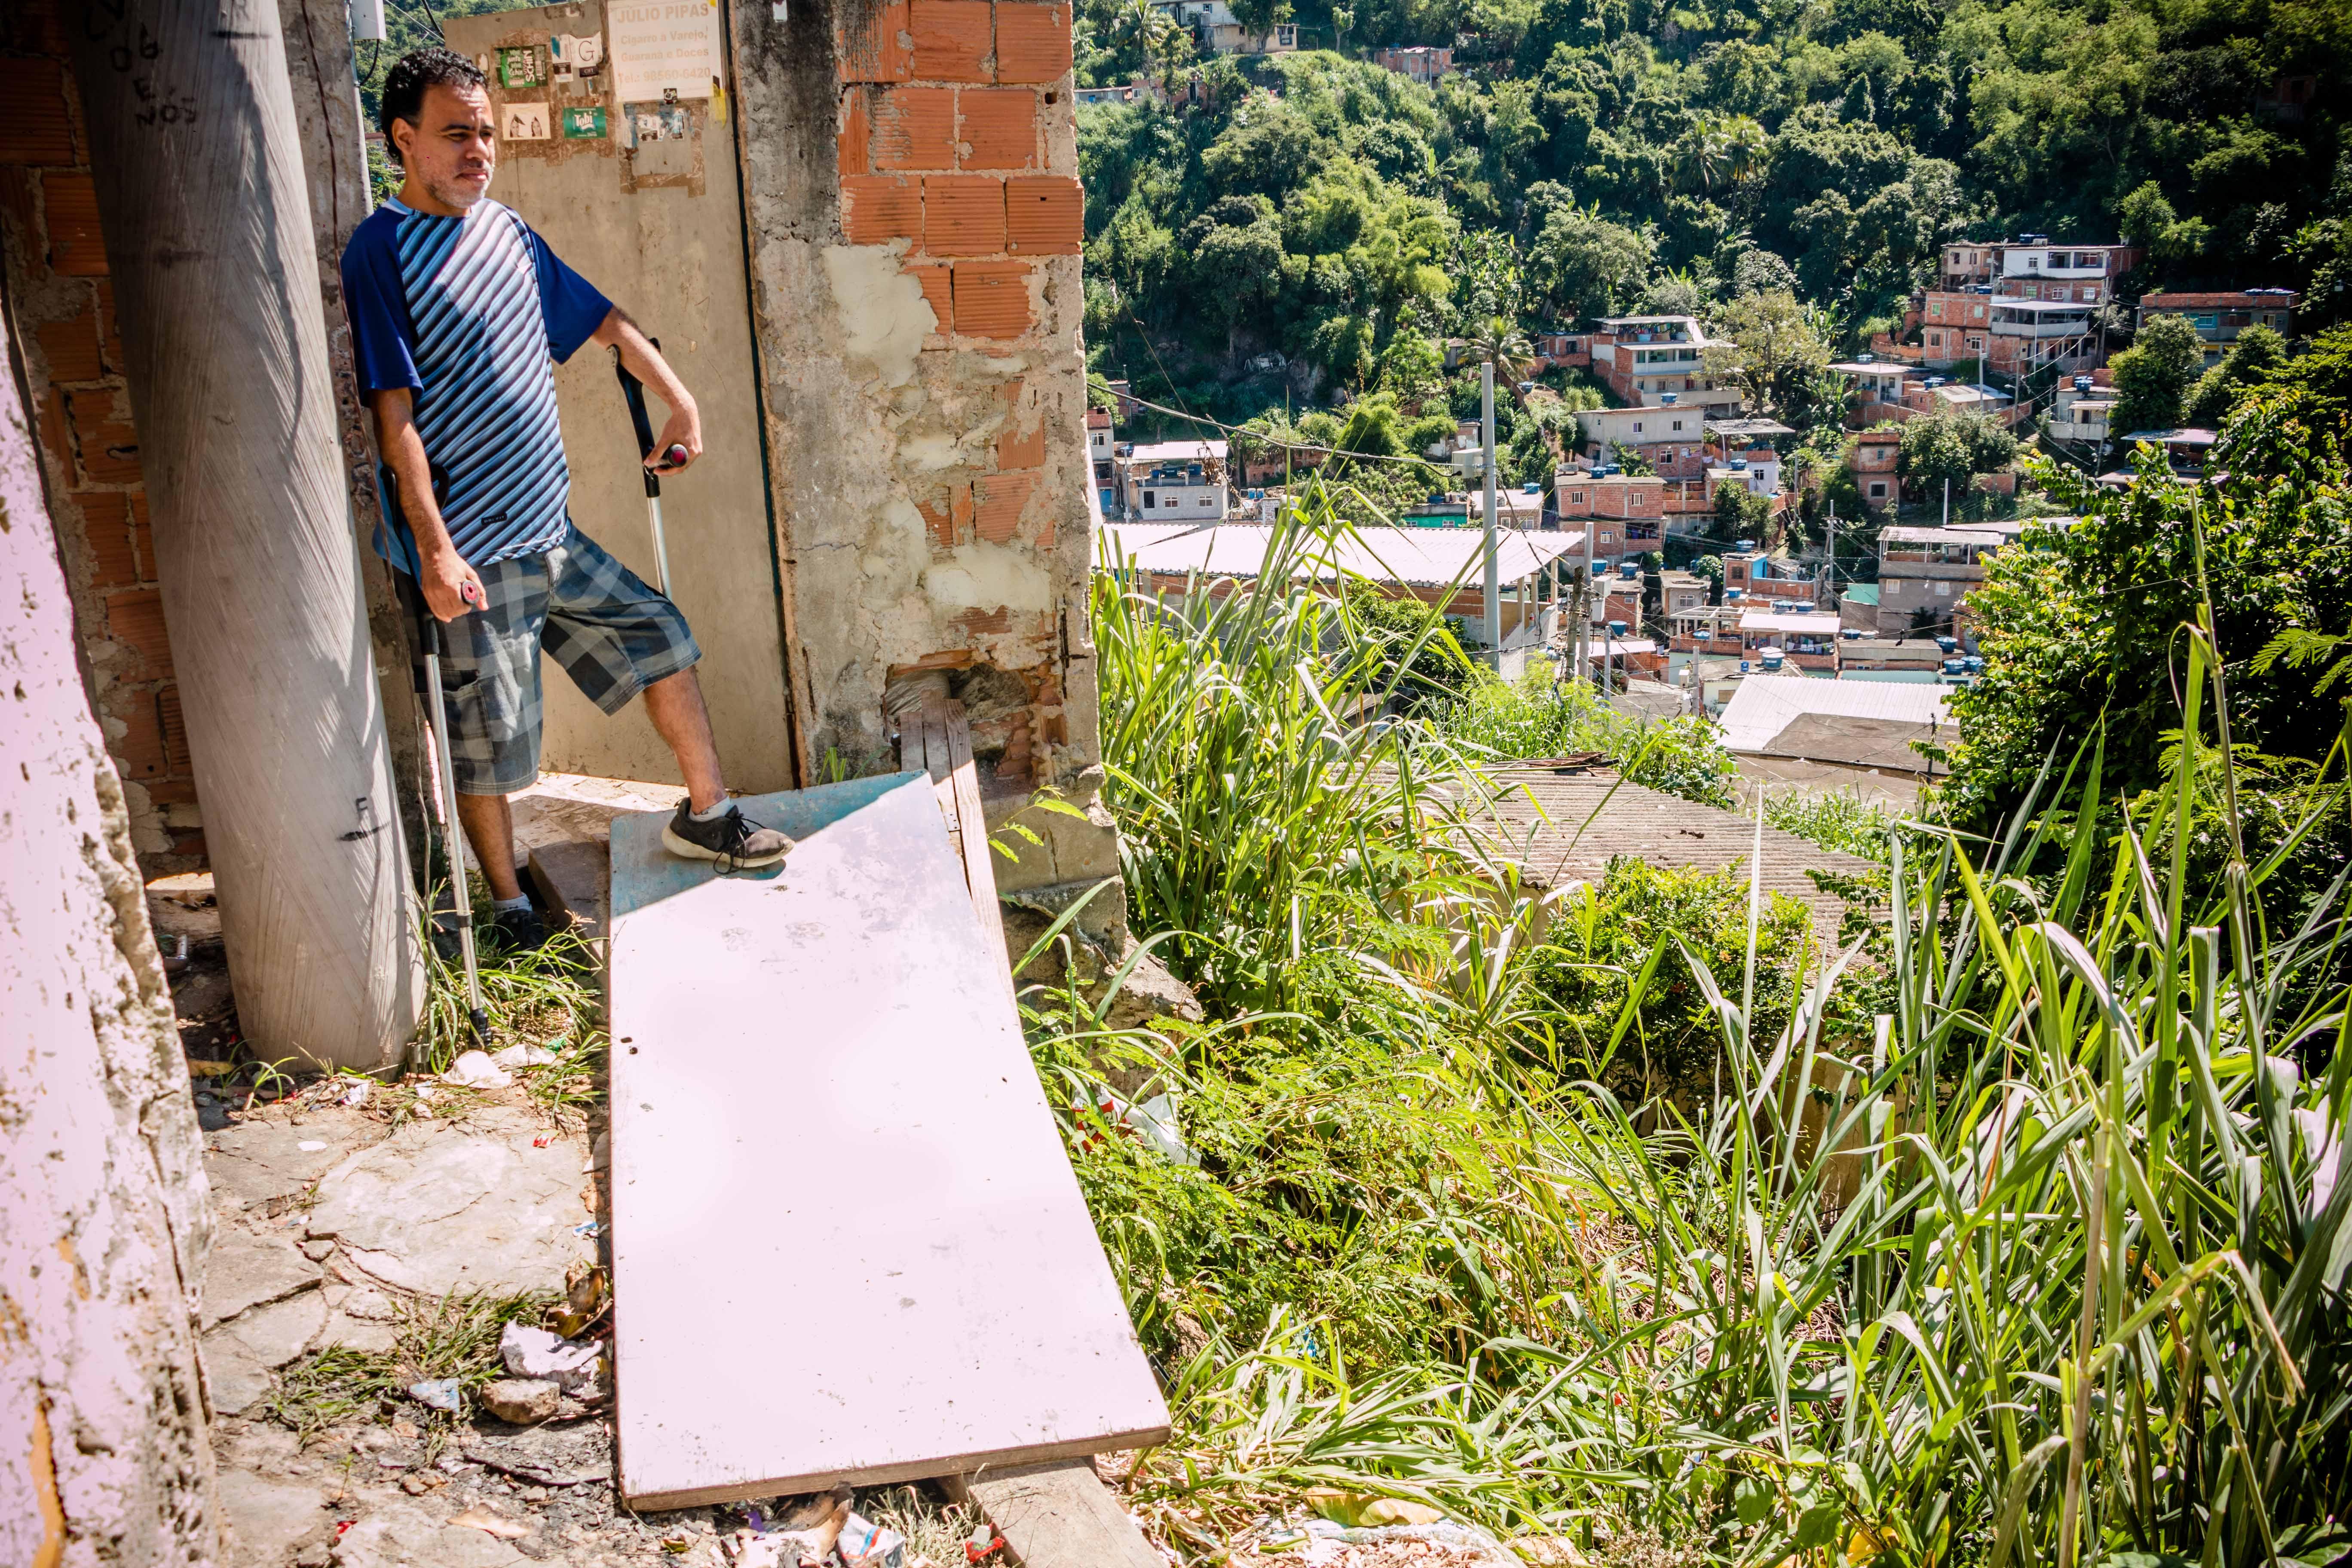 Morador Julio de Carvalho - Foto: Renato Moura - Voz das Comunidades